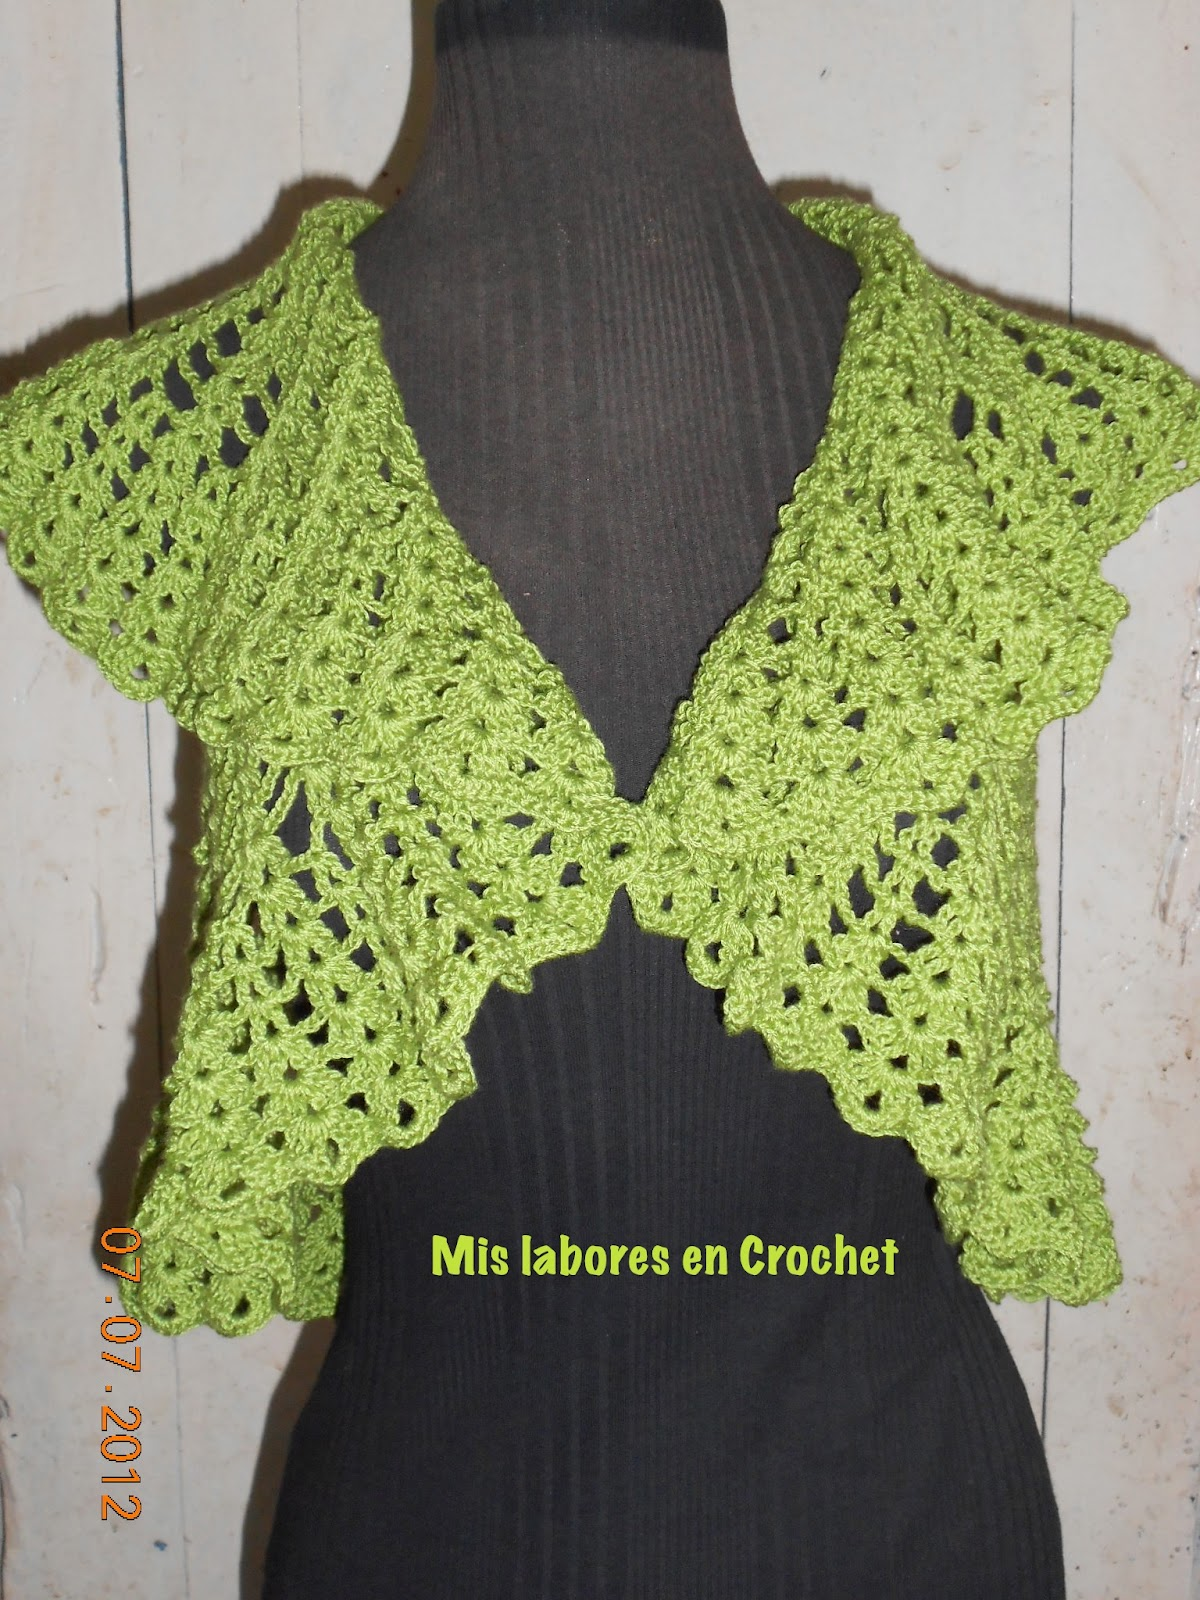 Mis labores en Crochet: Torera en redondo